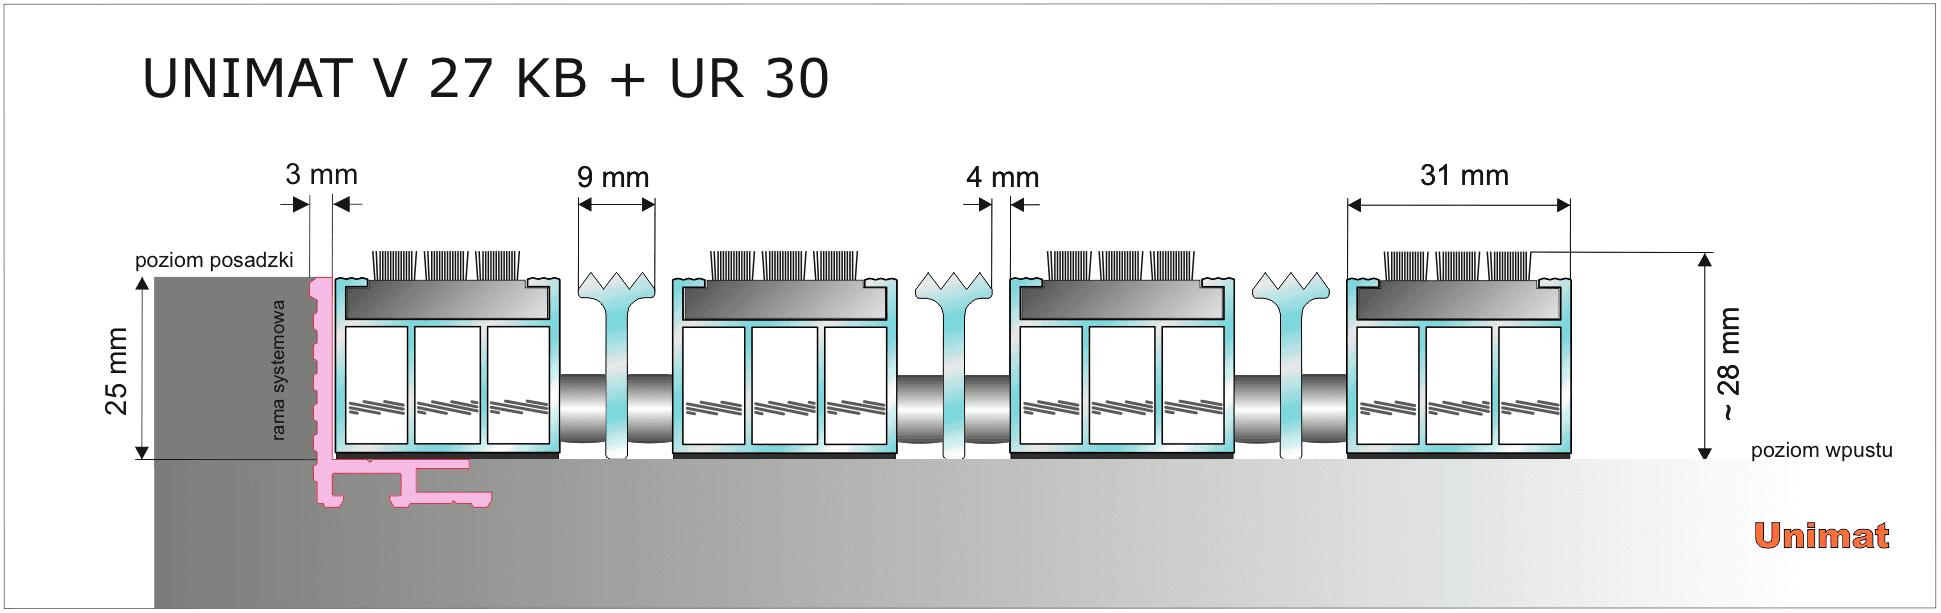 Unimat V 27 KB + UR30.png